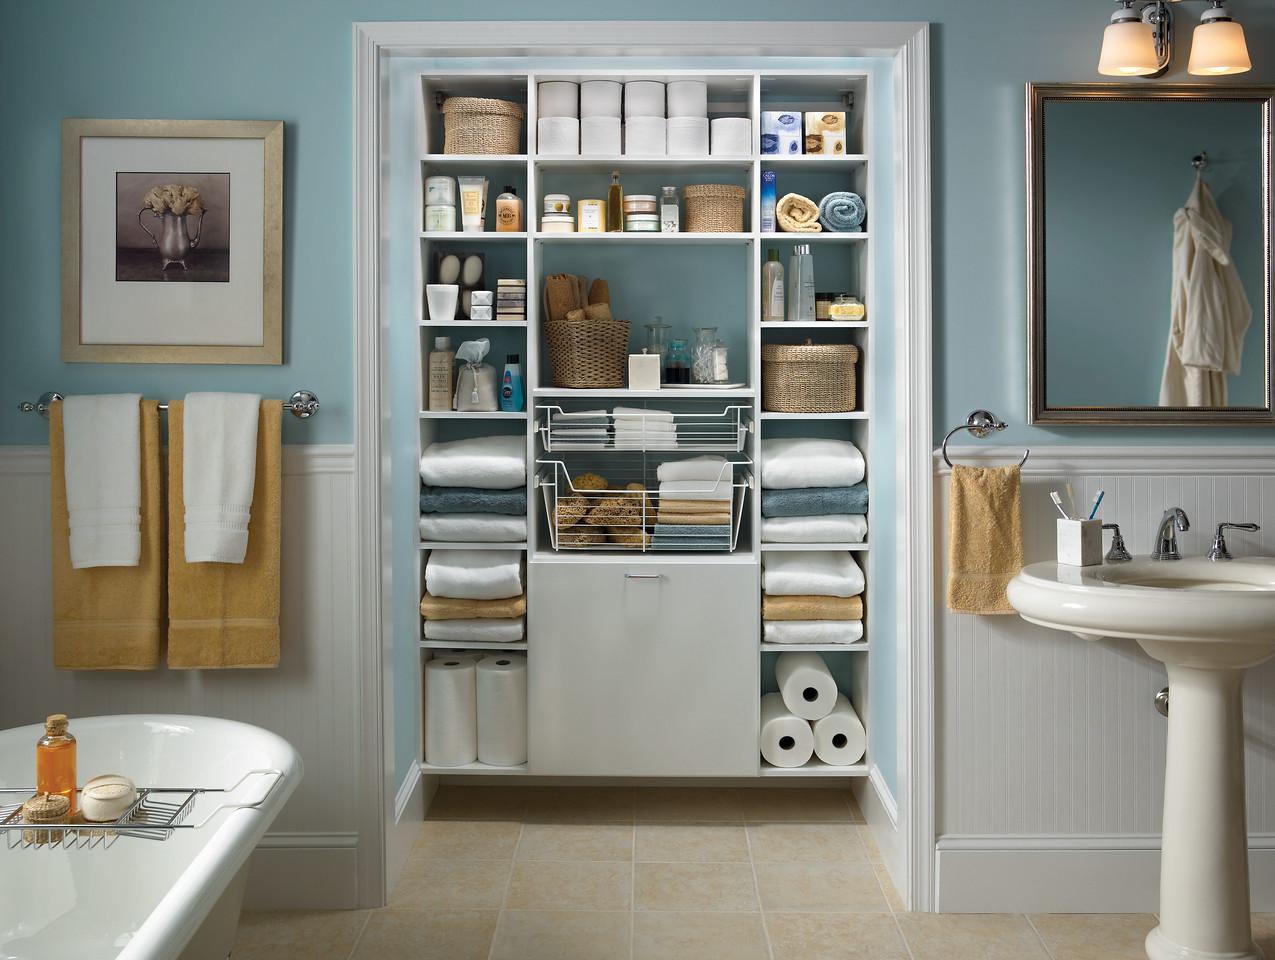 Bathroom linen closet featuring ClosetMaid MasterSuite in White